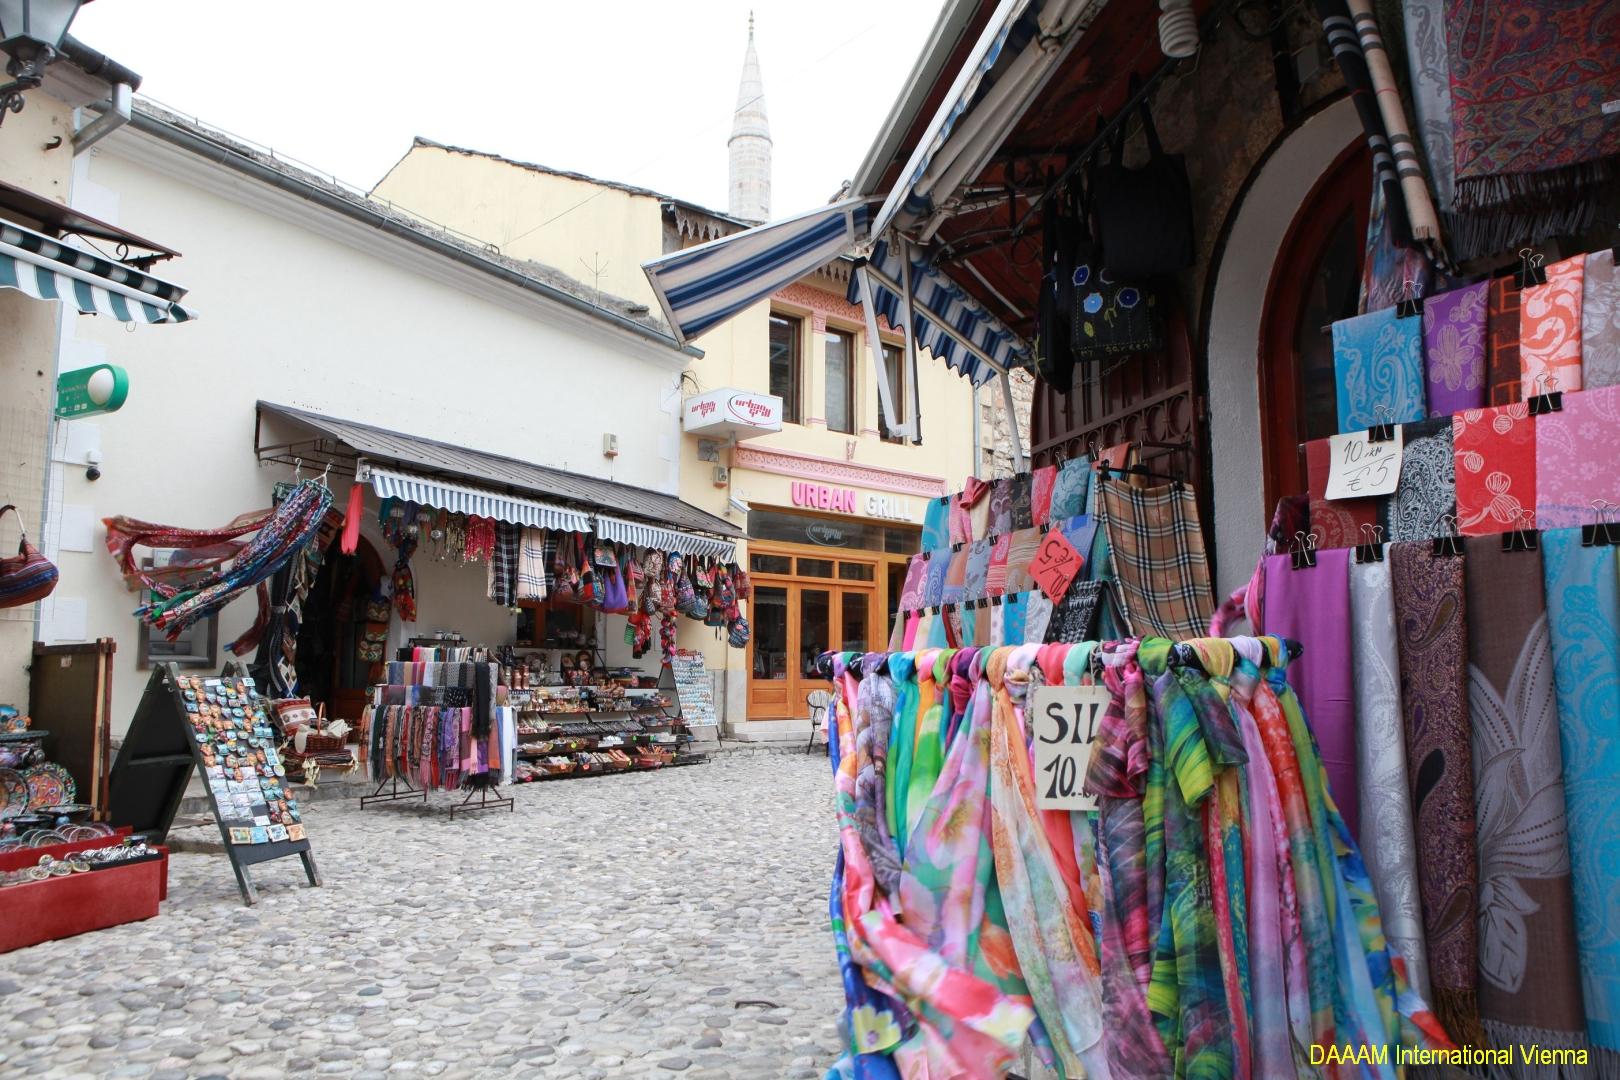 DAAAM_2016_Mostar_01_Magic_City_of_Mostar_106